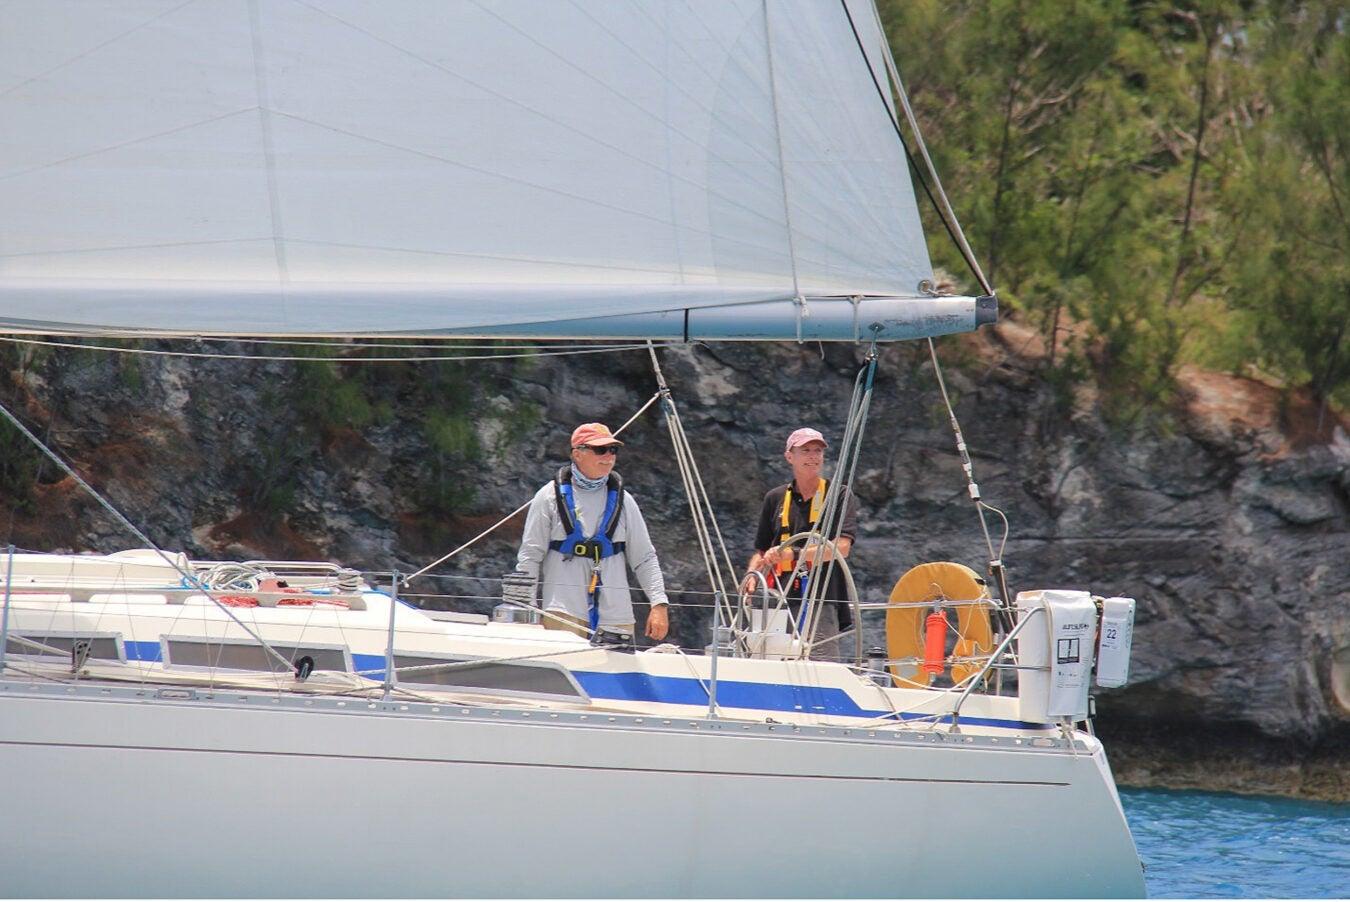 Two men sailing.